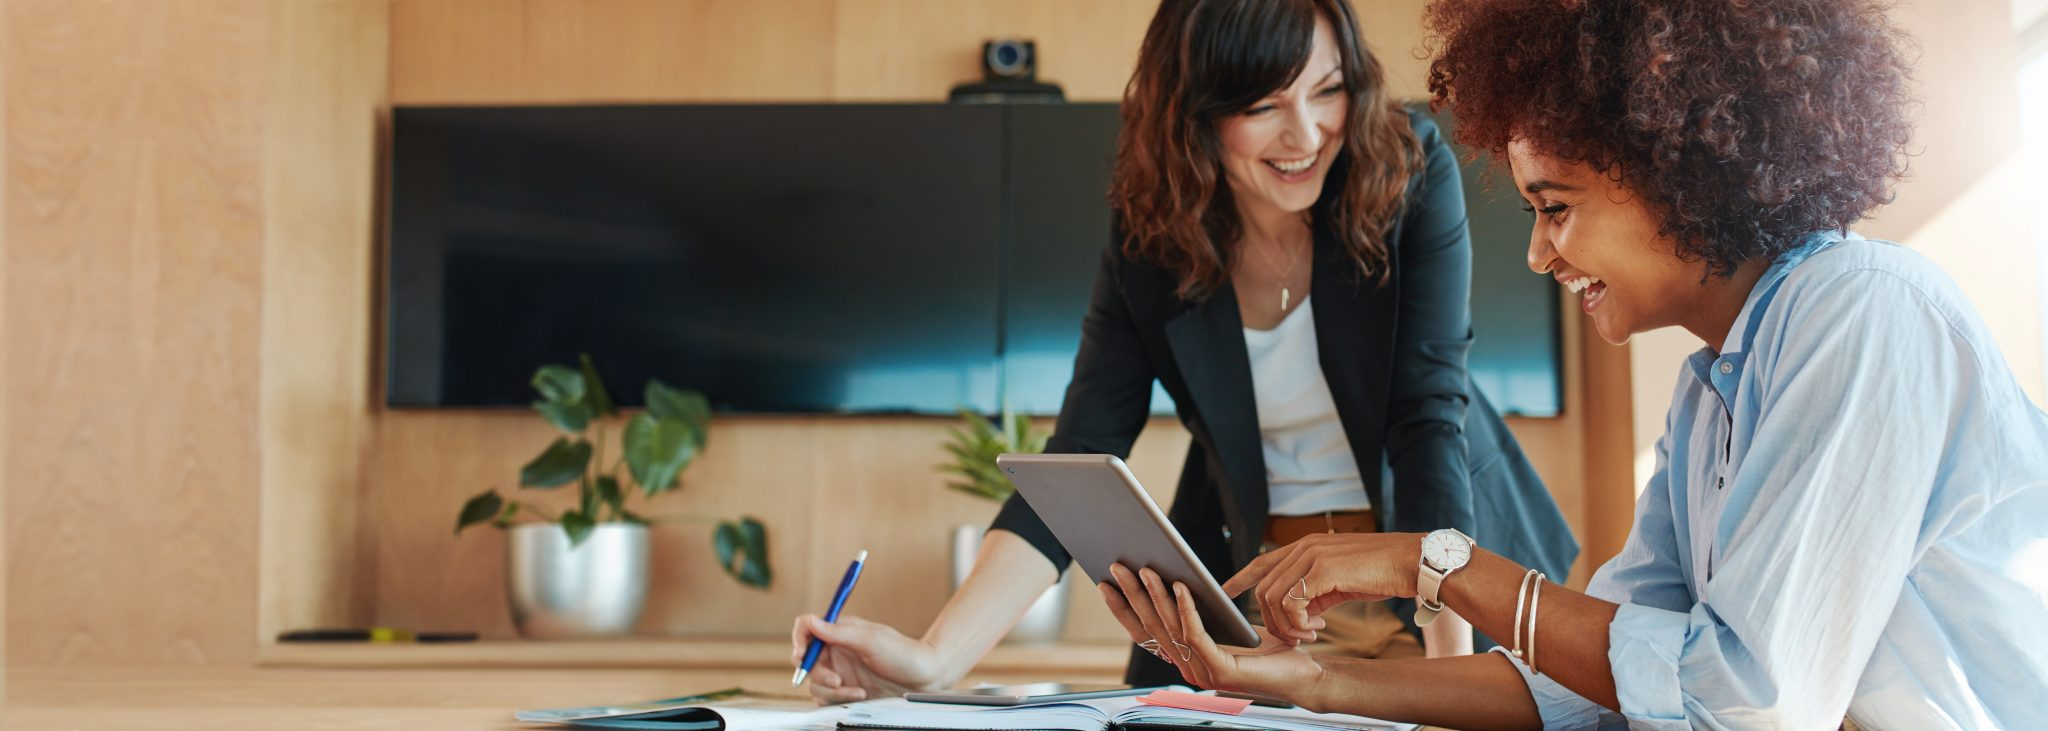 L'Œil de l'Expert, 3 outils Marketing exclusifs pour booster votre notoriété et valoriser votre expertise locale